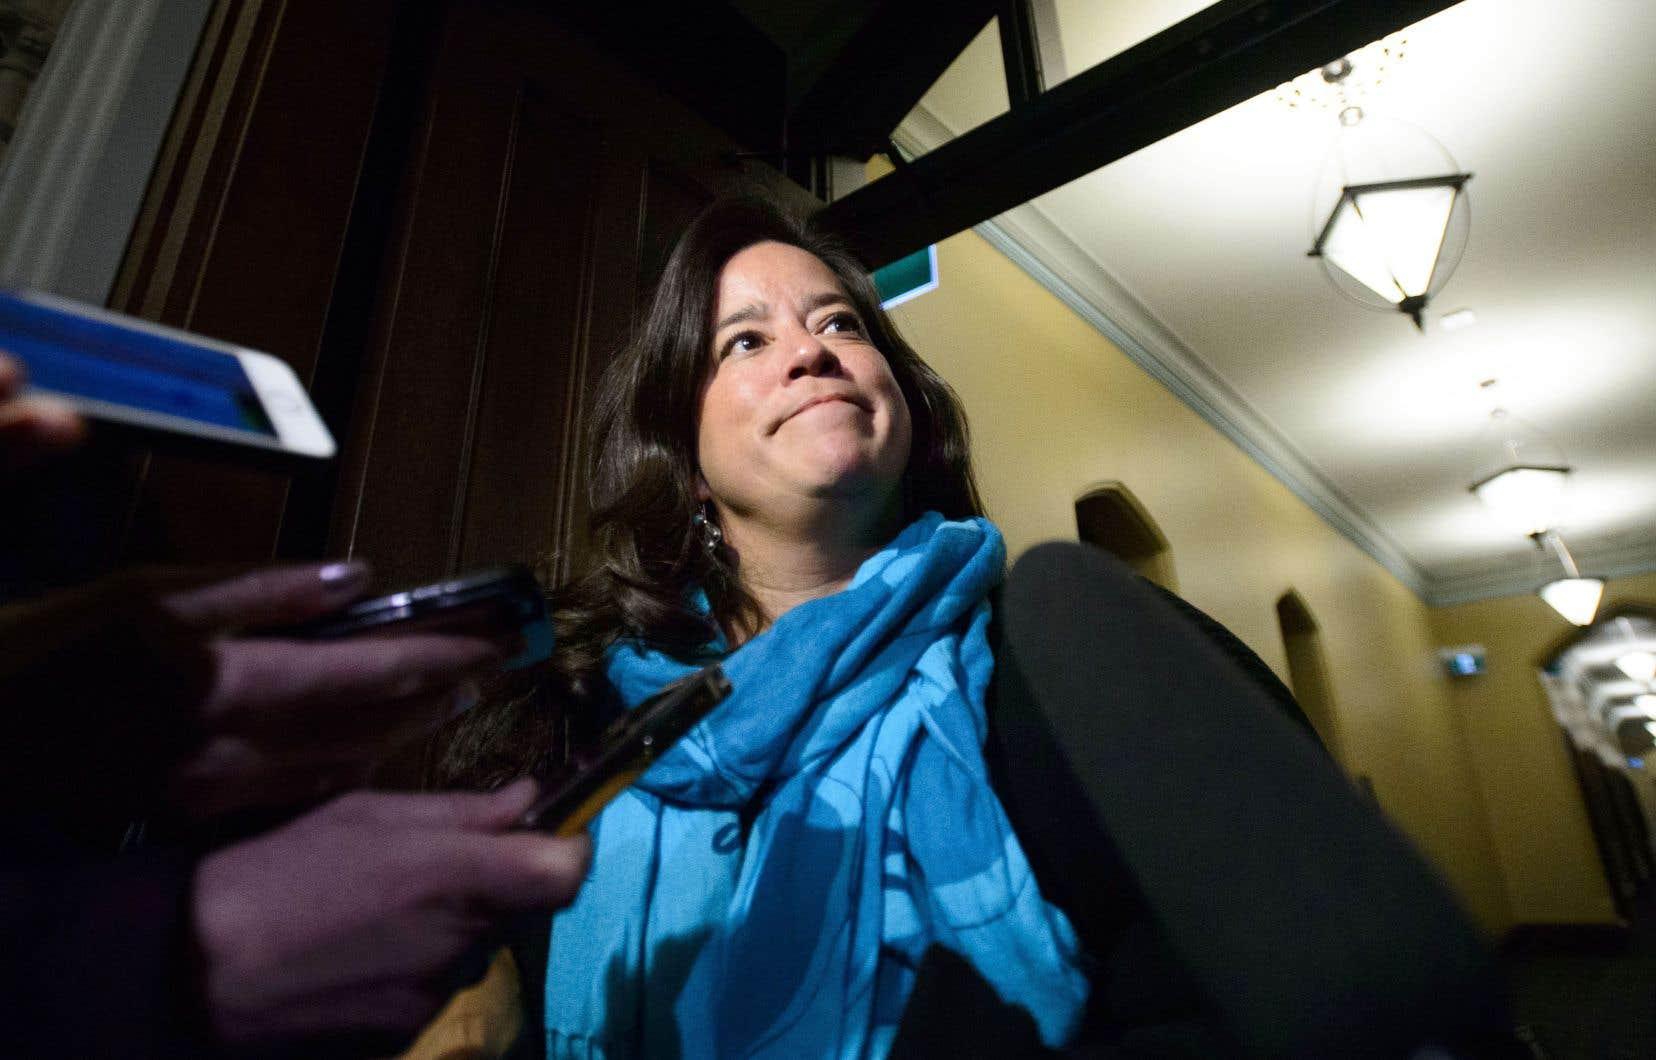 La question de la confidentialité s'avère complexe dans le cas de Jody Wilson-Raybould, puisqu'elle portait à la fois les chapeaux de ministre de la Justice et de procureure générale du Canada.